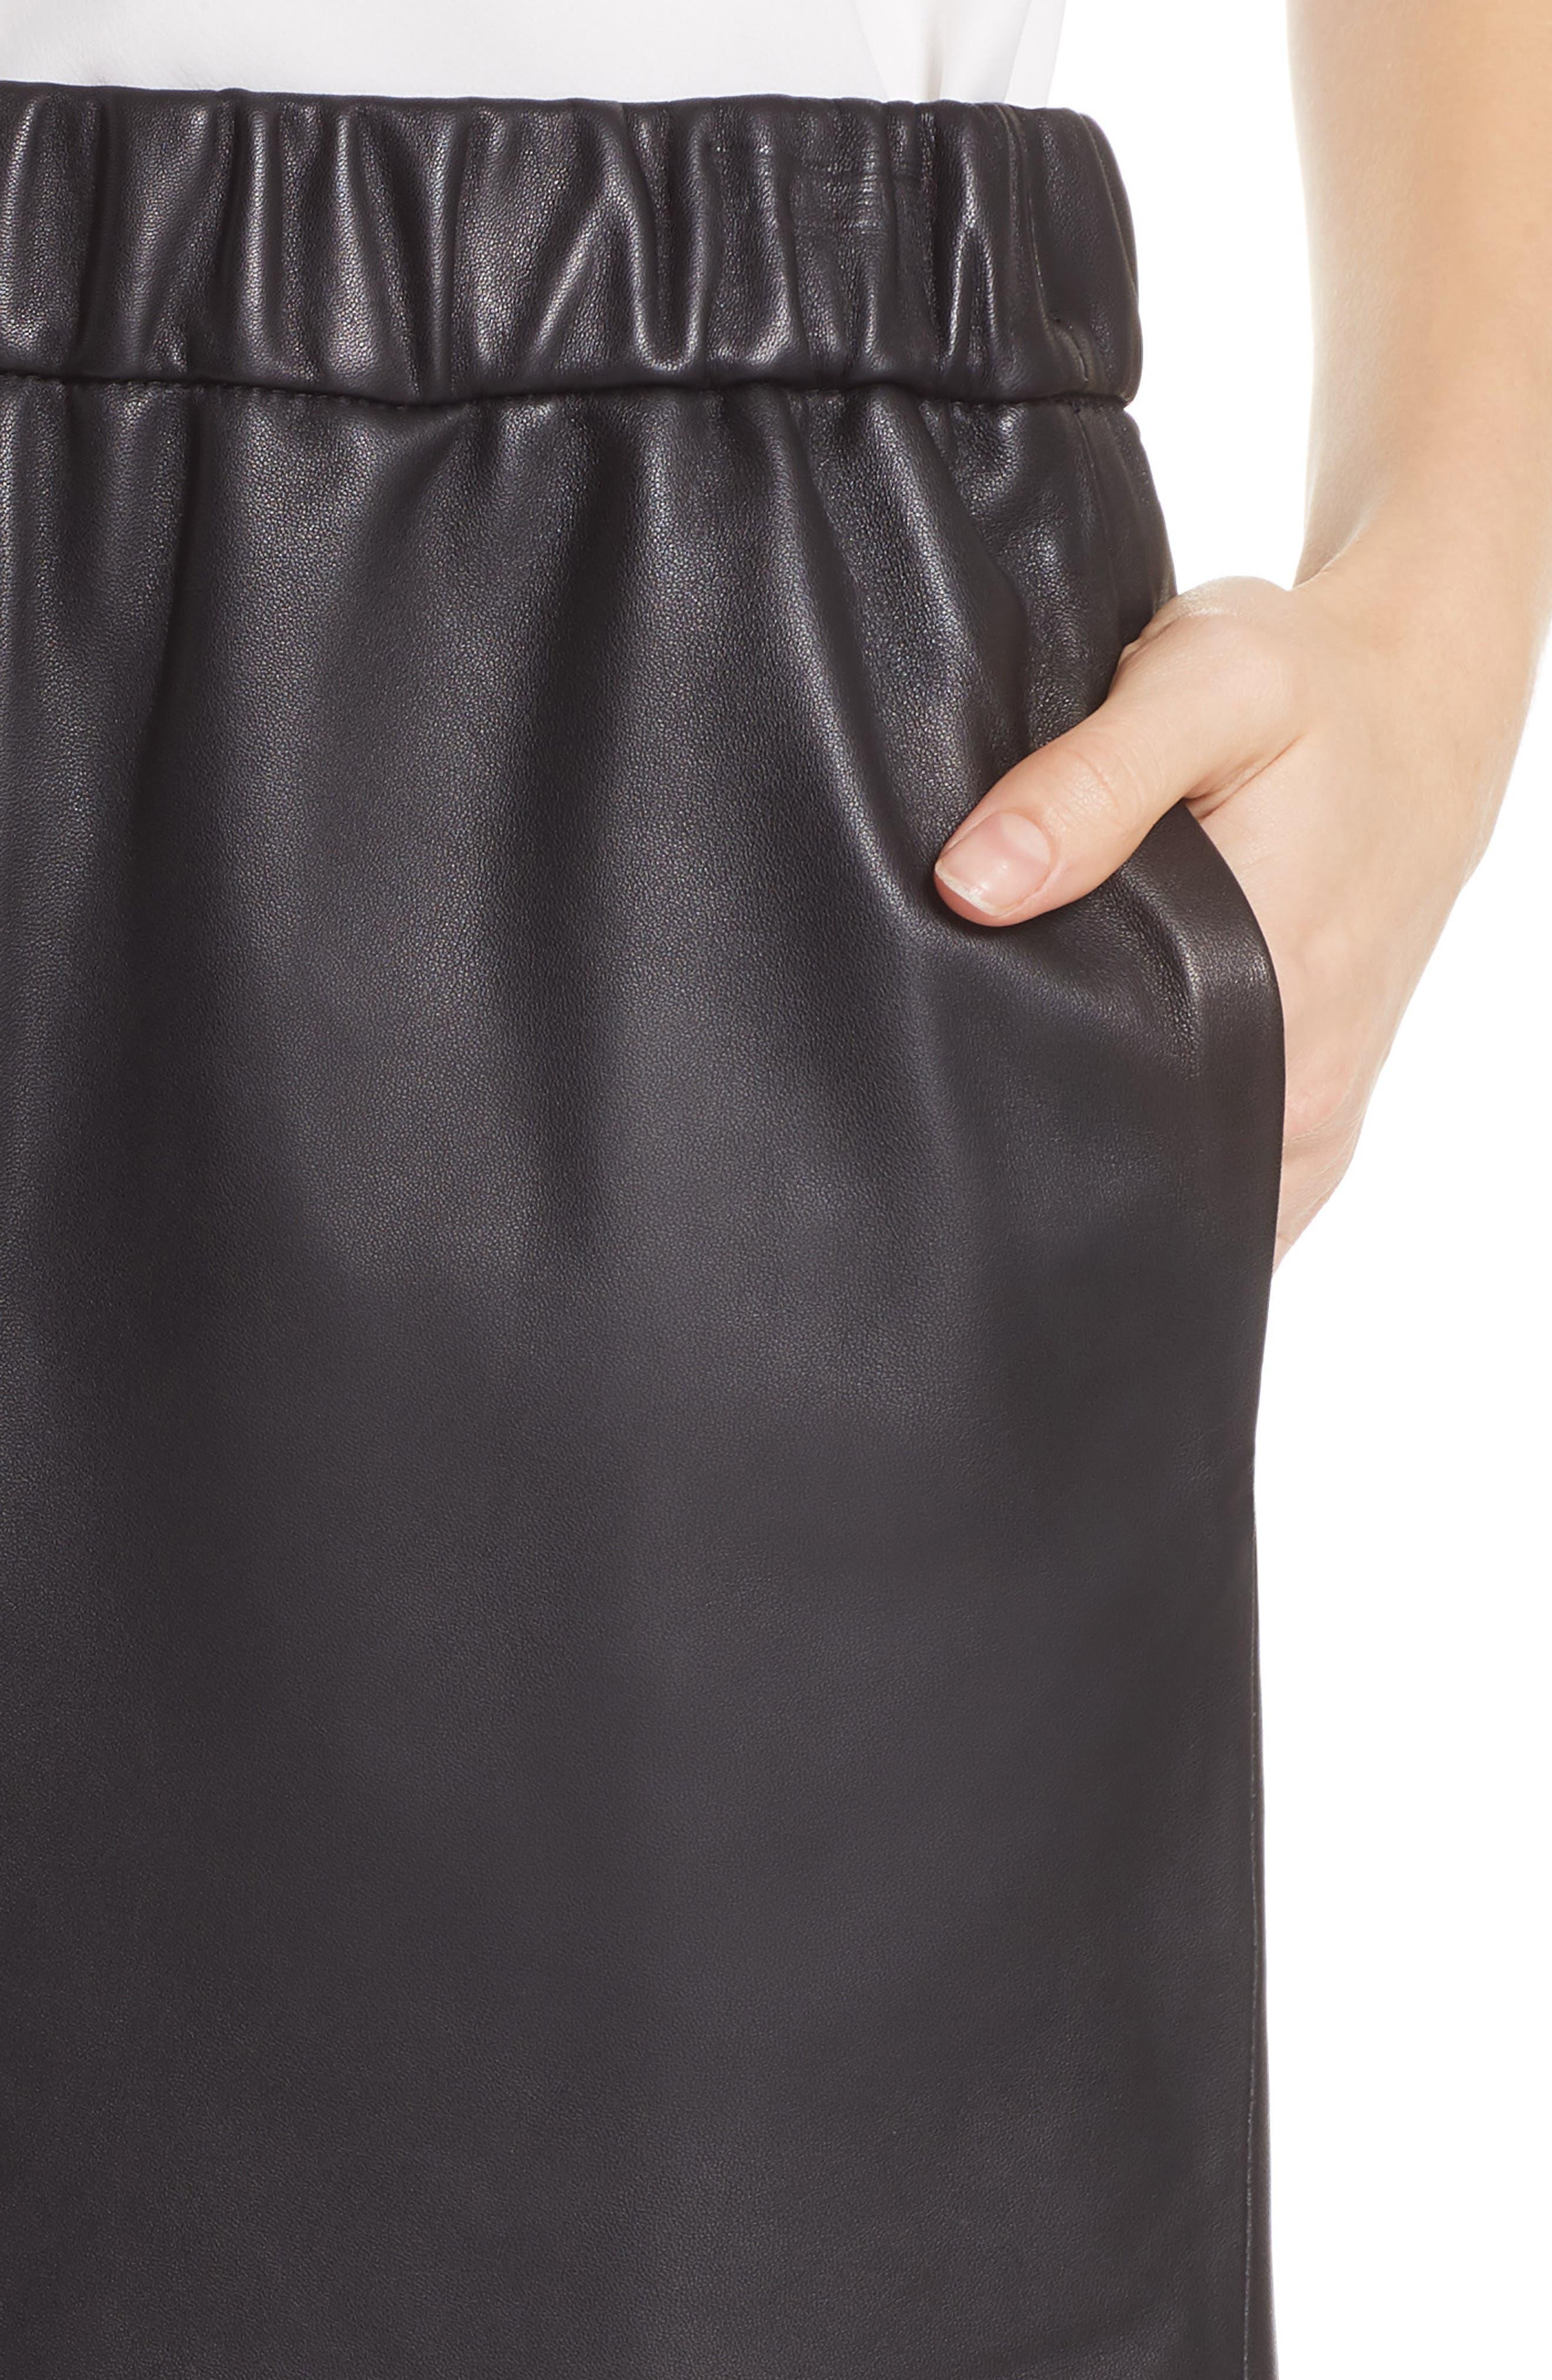 Pull-On Leather Miniskirt,                             Alternate thumbnail 4, color,                             NOIR